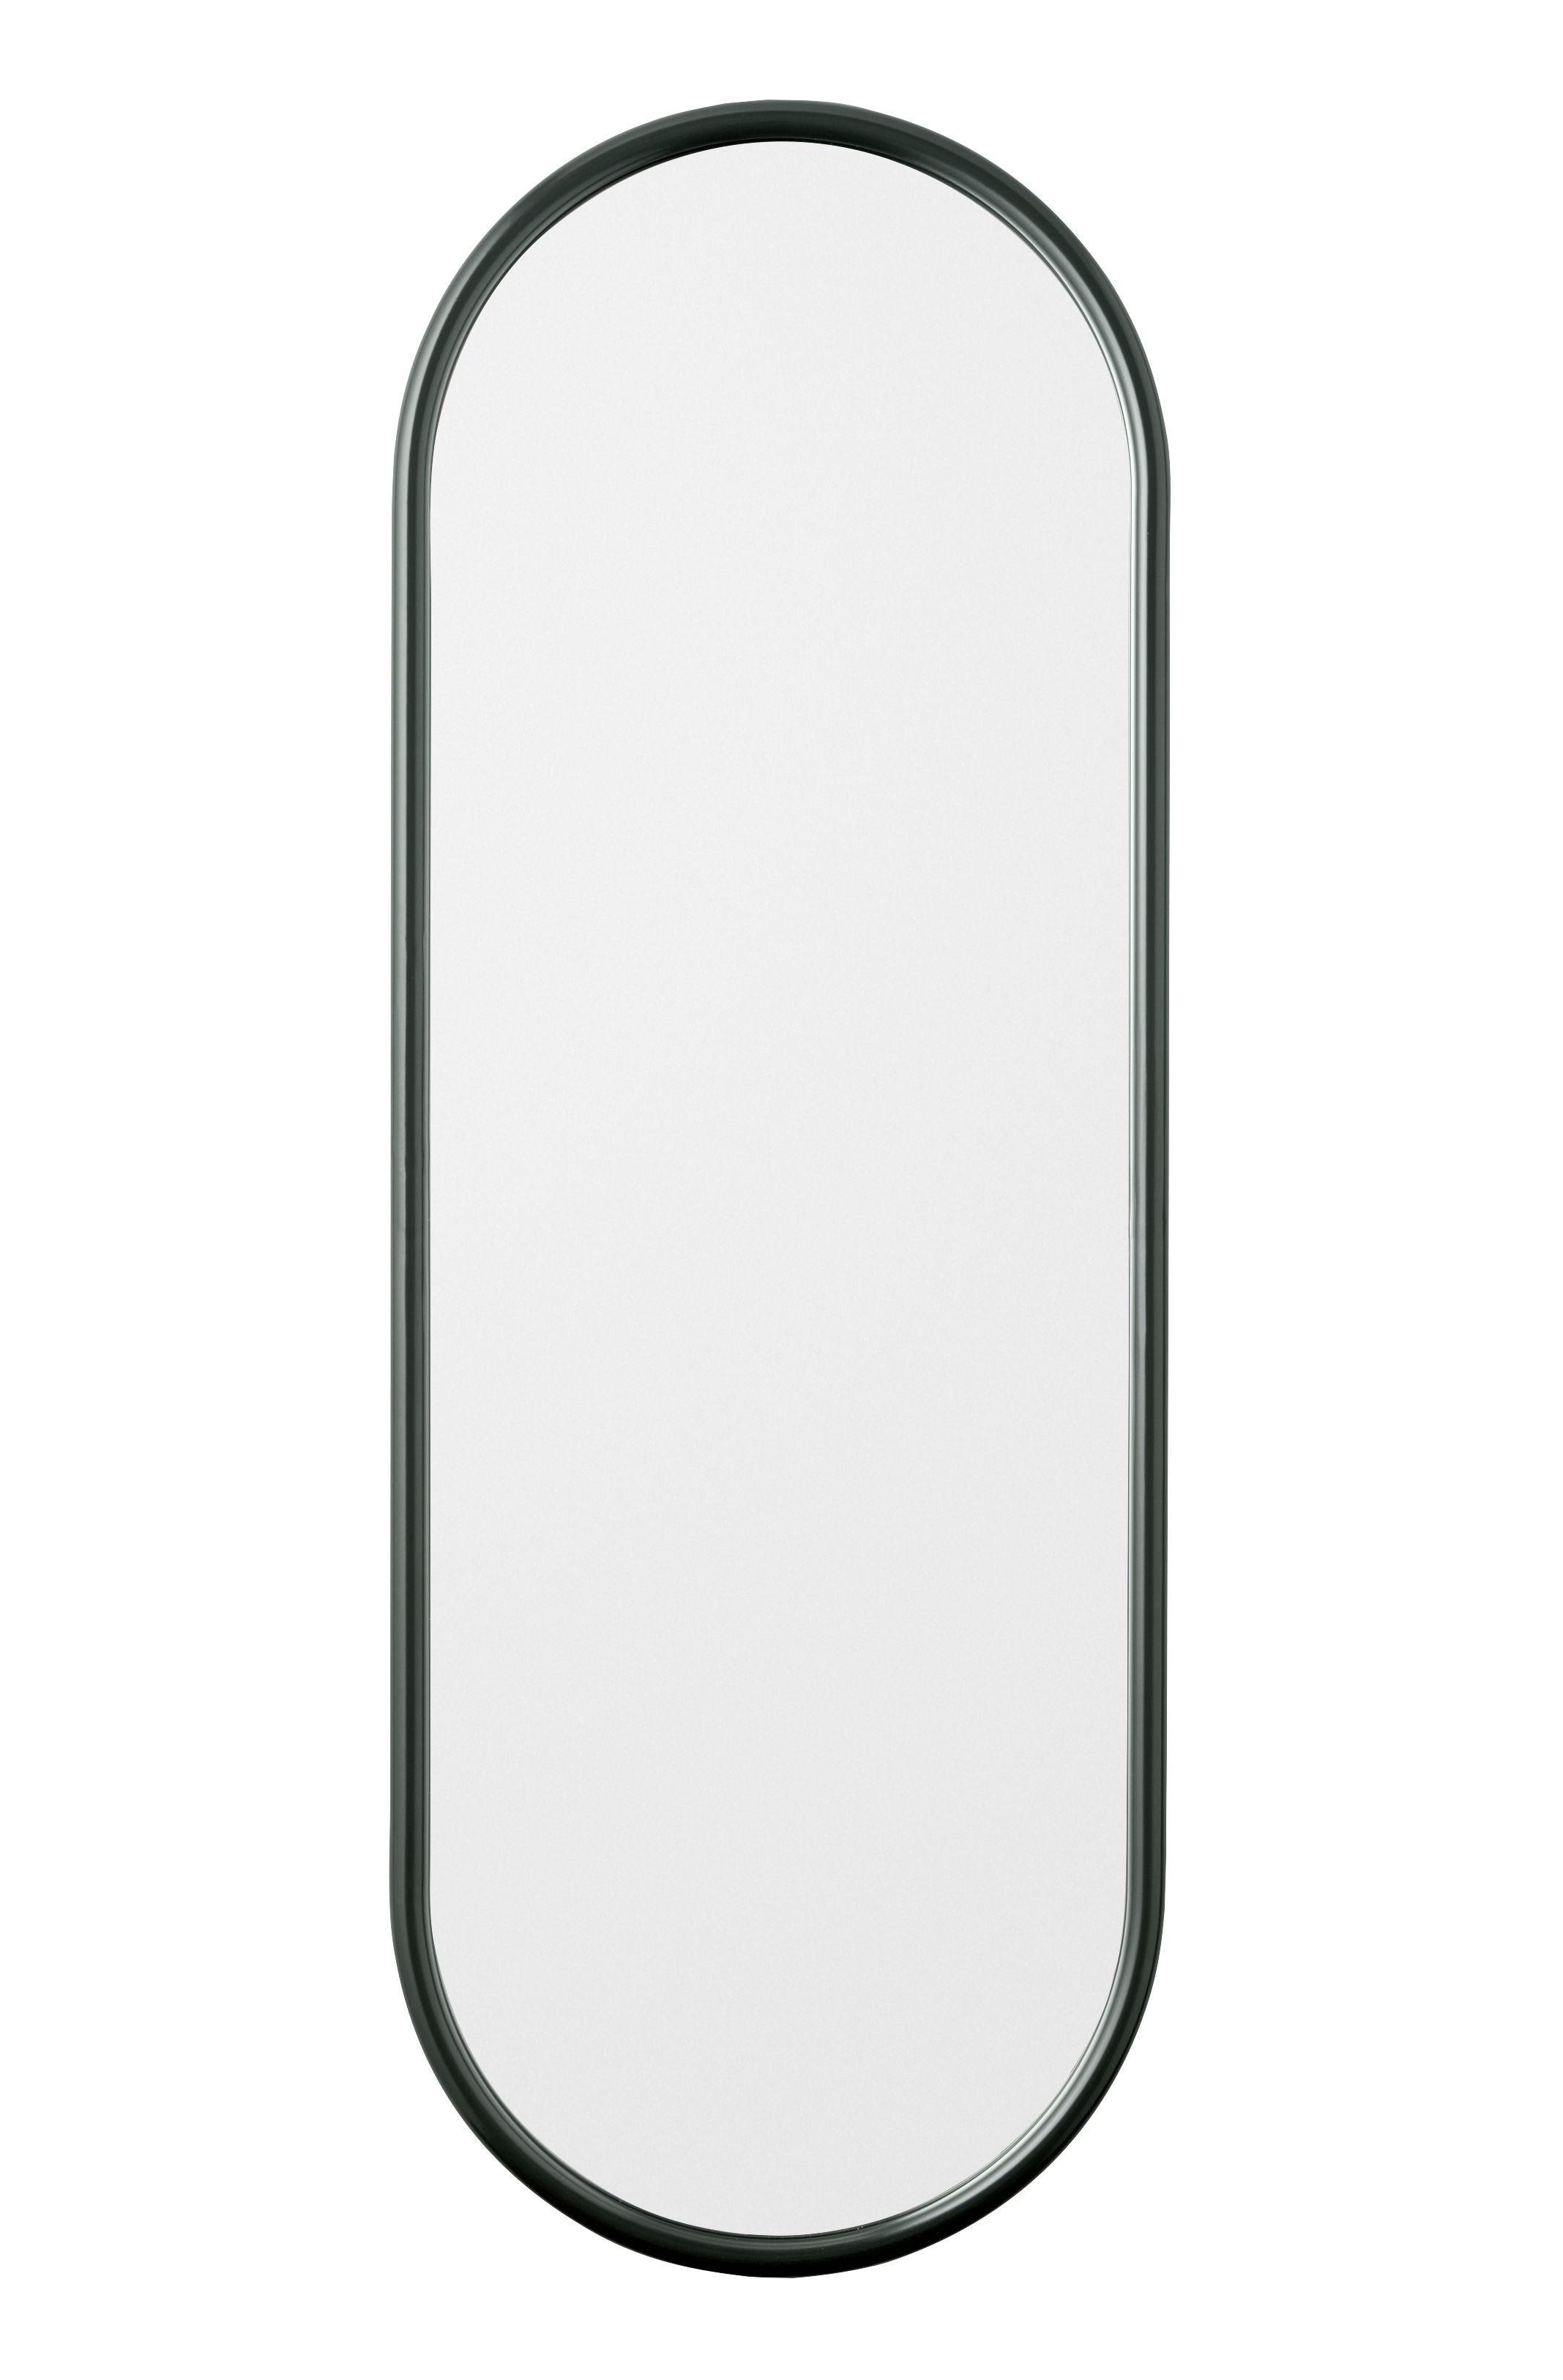 Miroir mural angui l 39 x h 108 cm vert for t aytm made in design for Miroir mural original